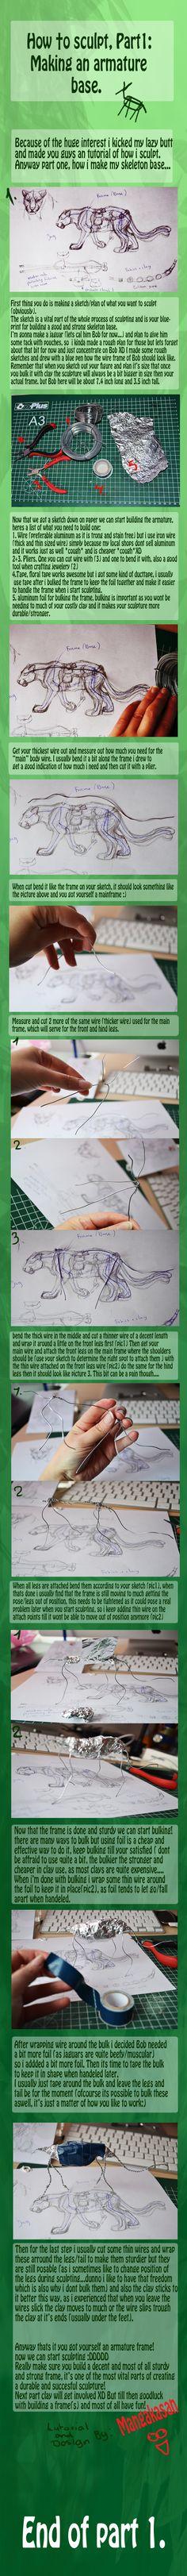 como esculpir un tige, estructura interna de alambre Making a wire amature